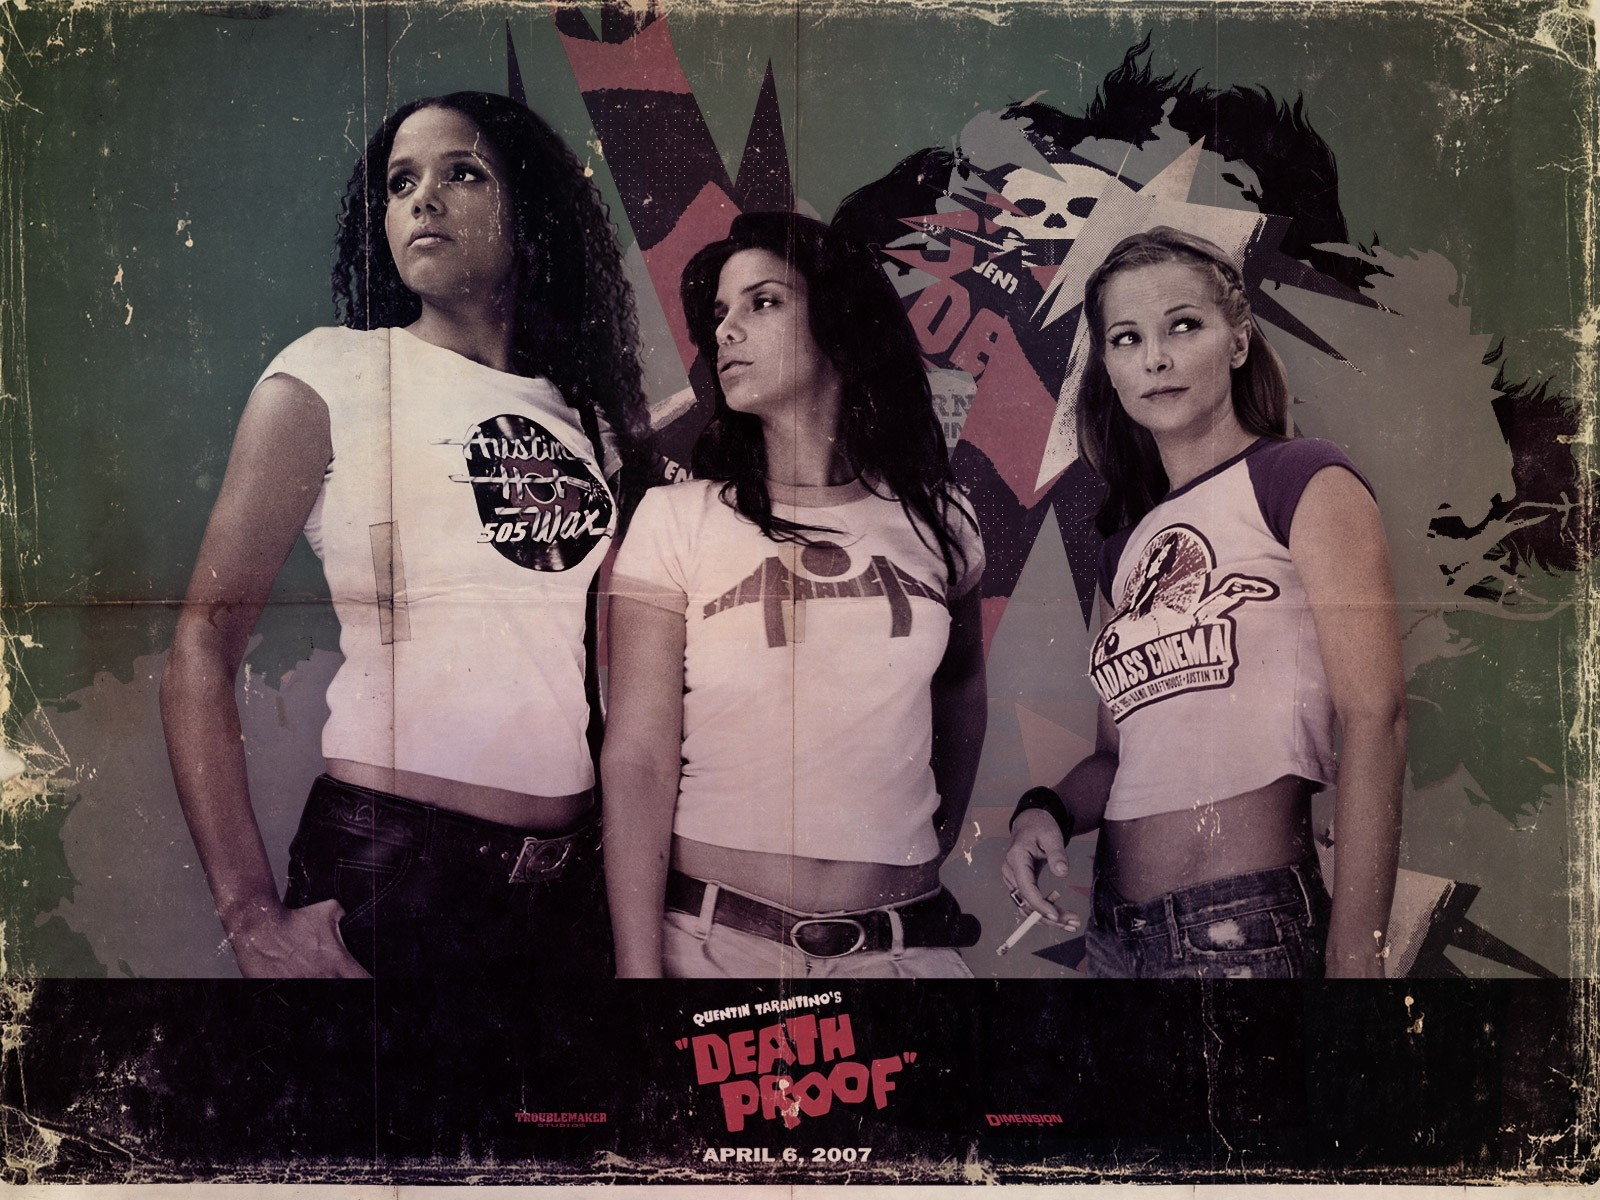 Wallpaper del film Grindhouse con le sexy protagoniste dell'episodio Death Proof